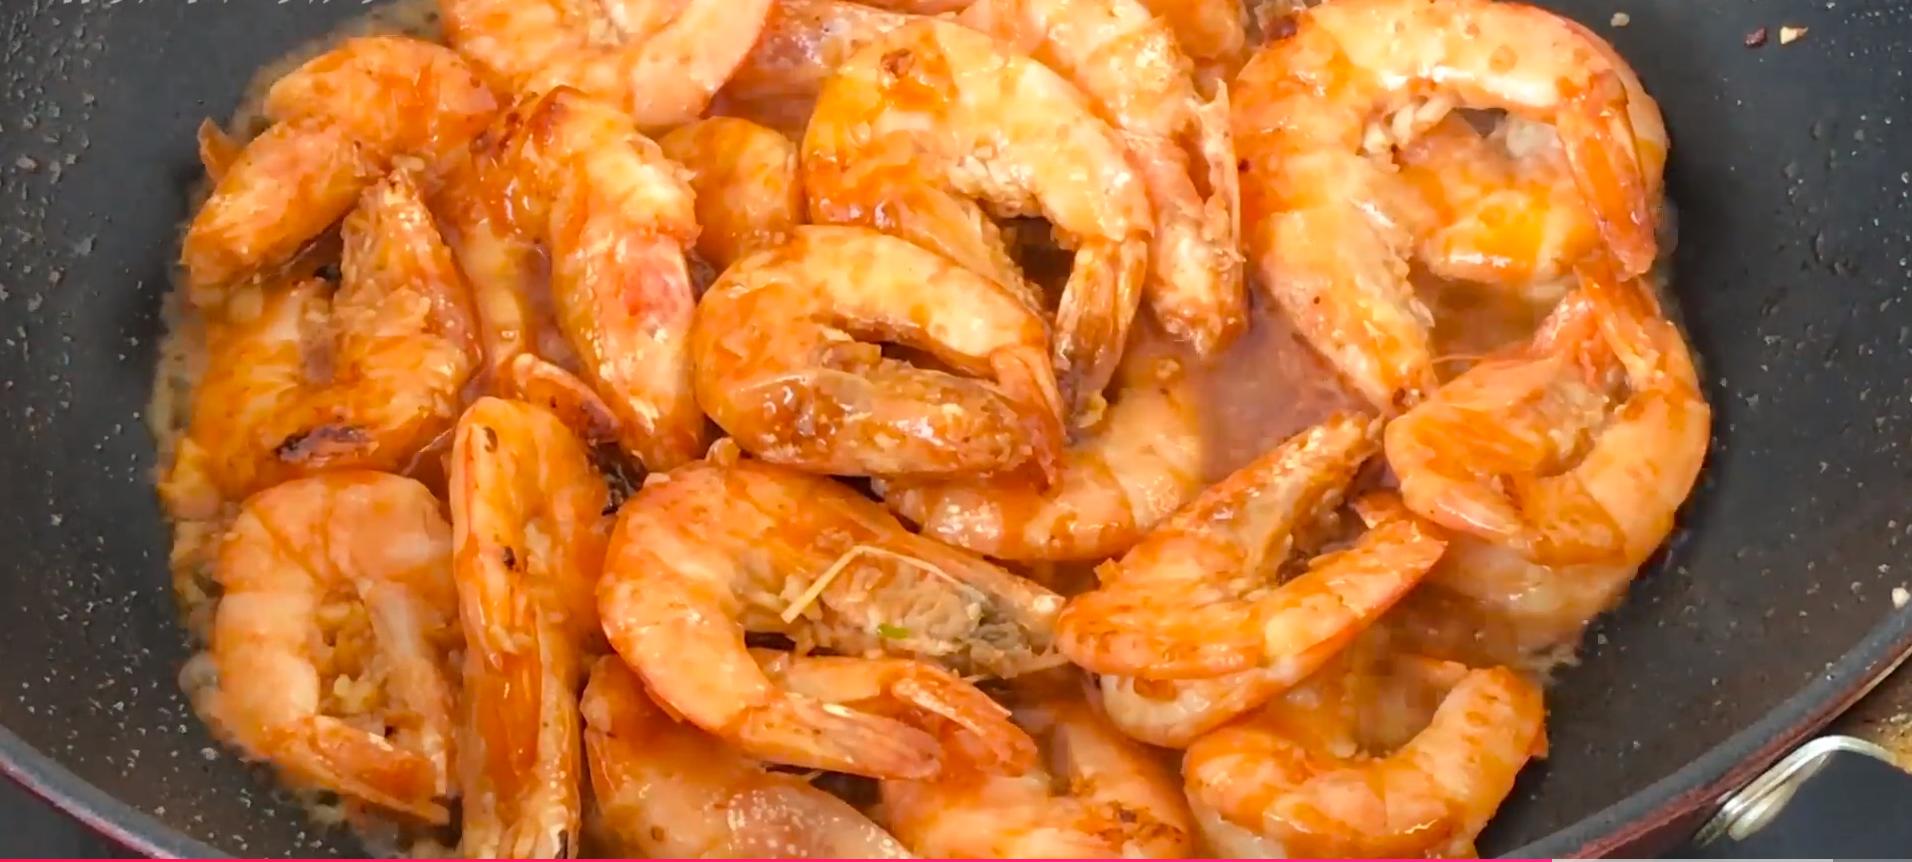 做大虾时,不要直接用水煮,教你正确做法,虾肉鲜嫩入味超好吃 美食做法 第13张